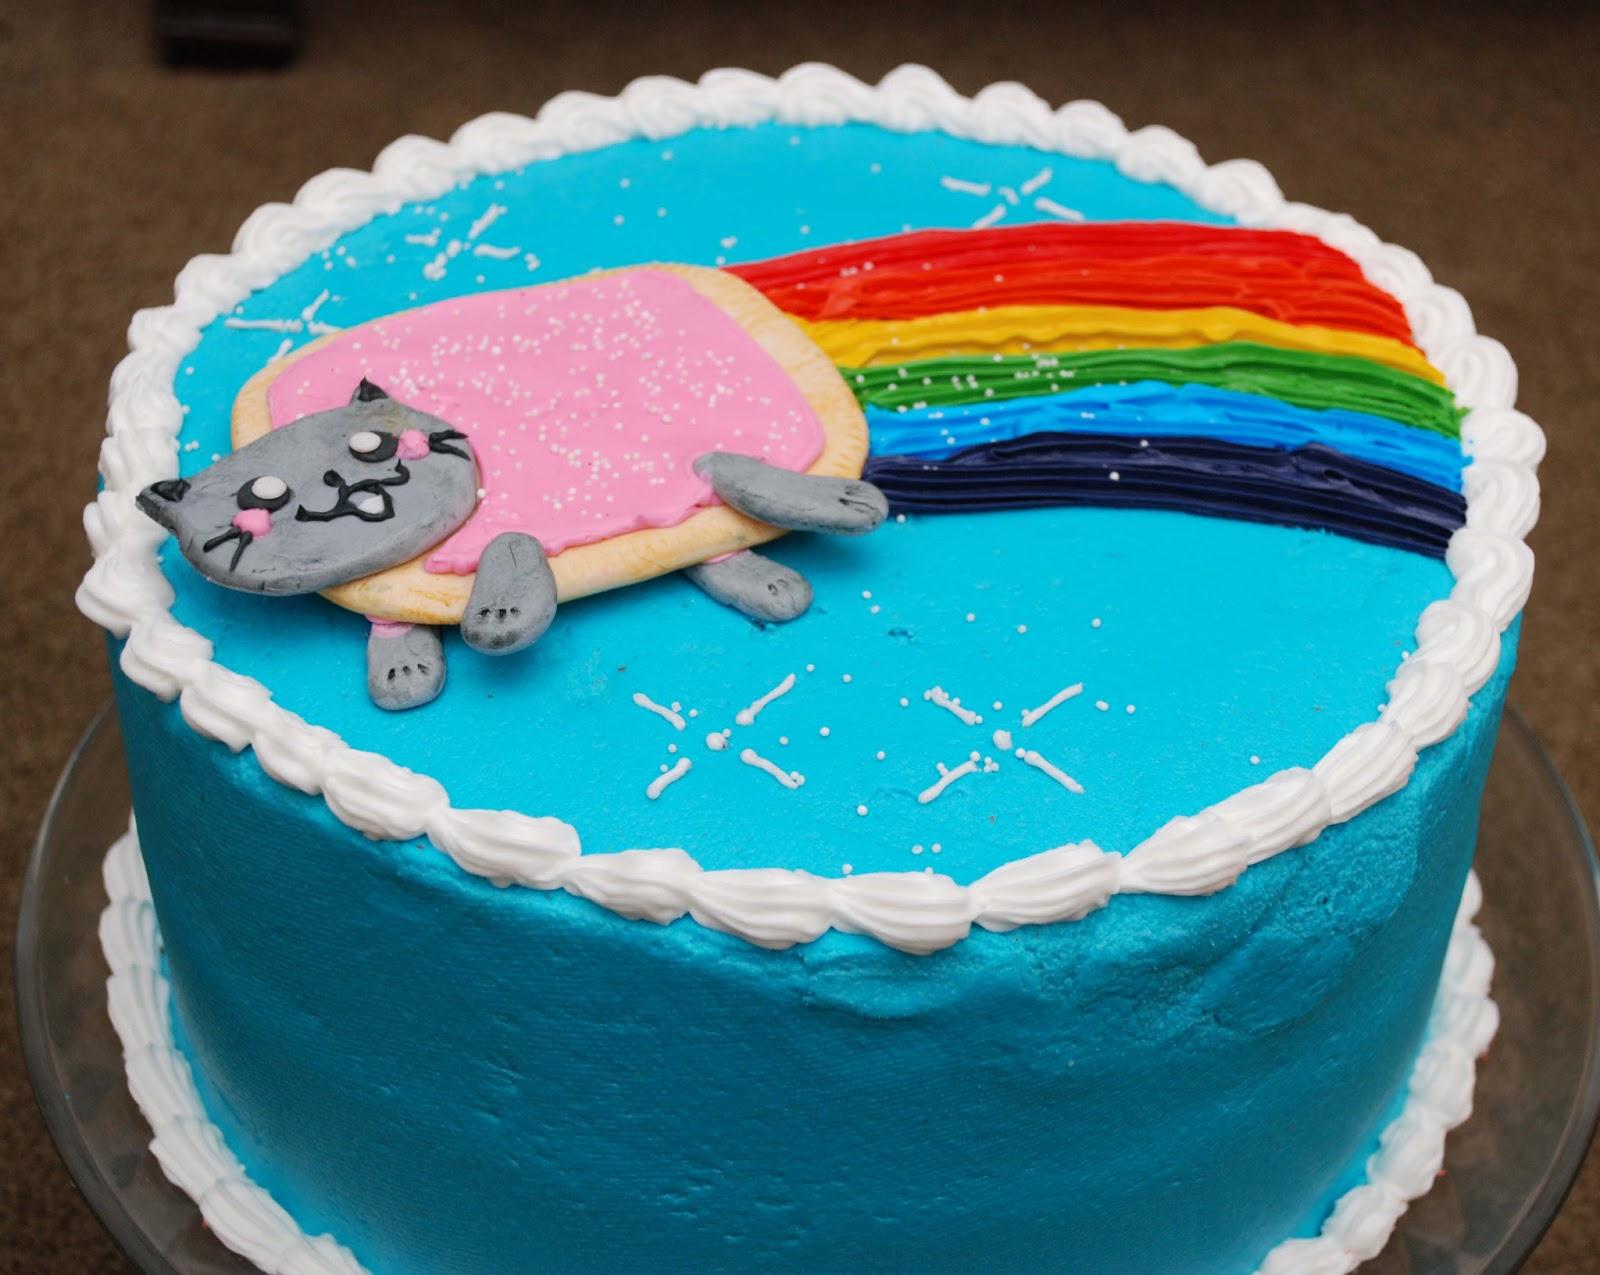 MyEyeQ Nyan Cat Rainbow Cake Please